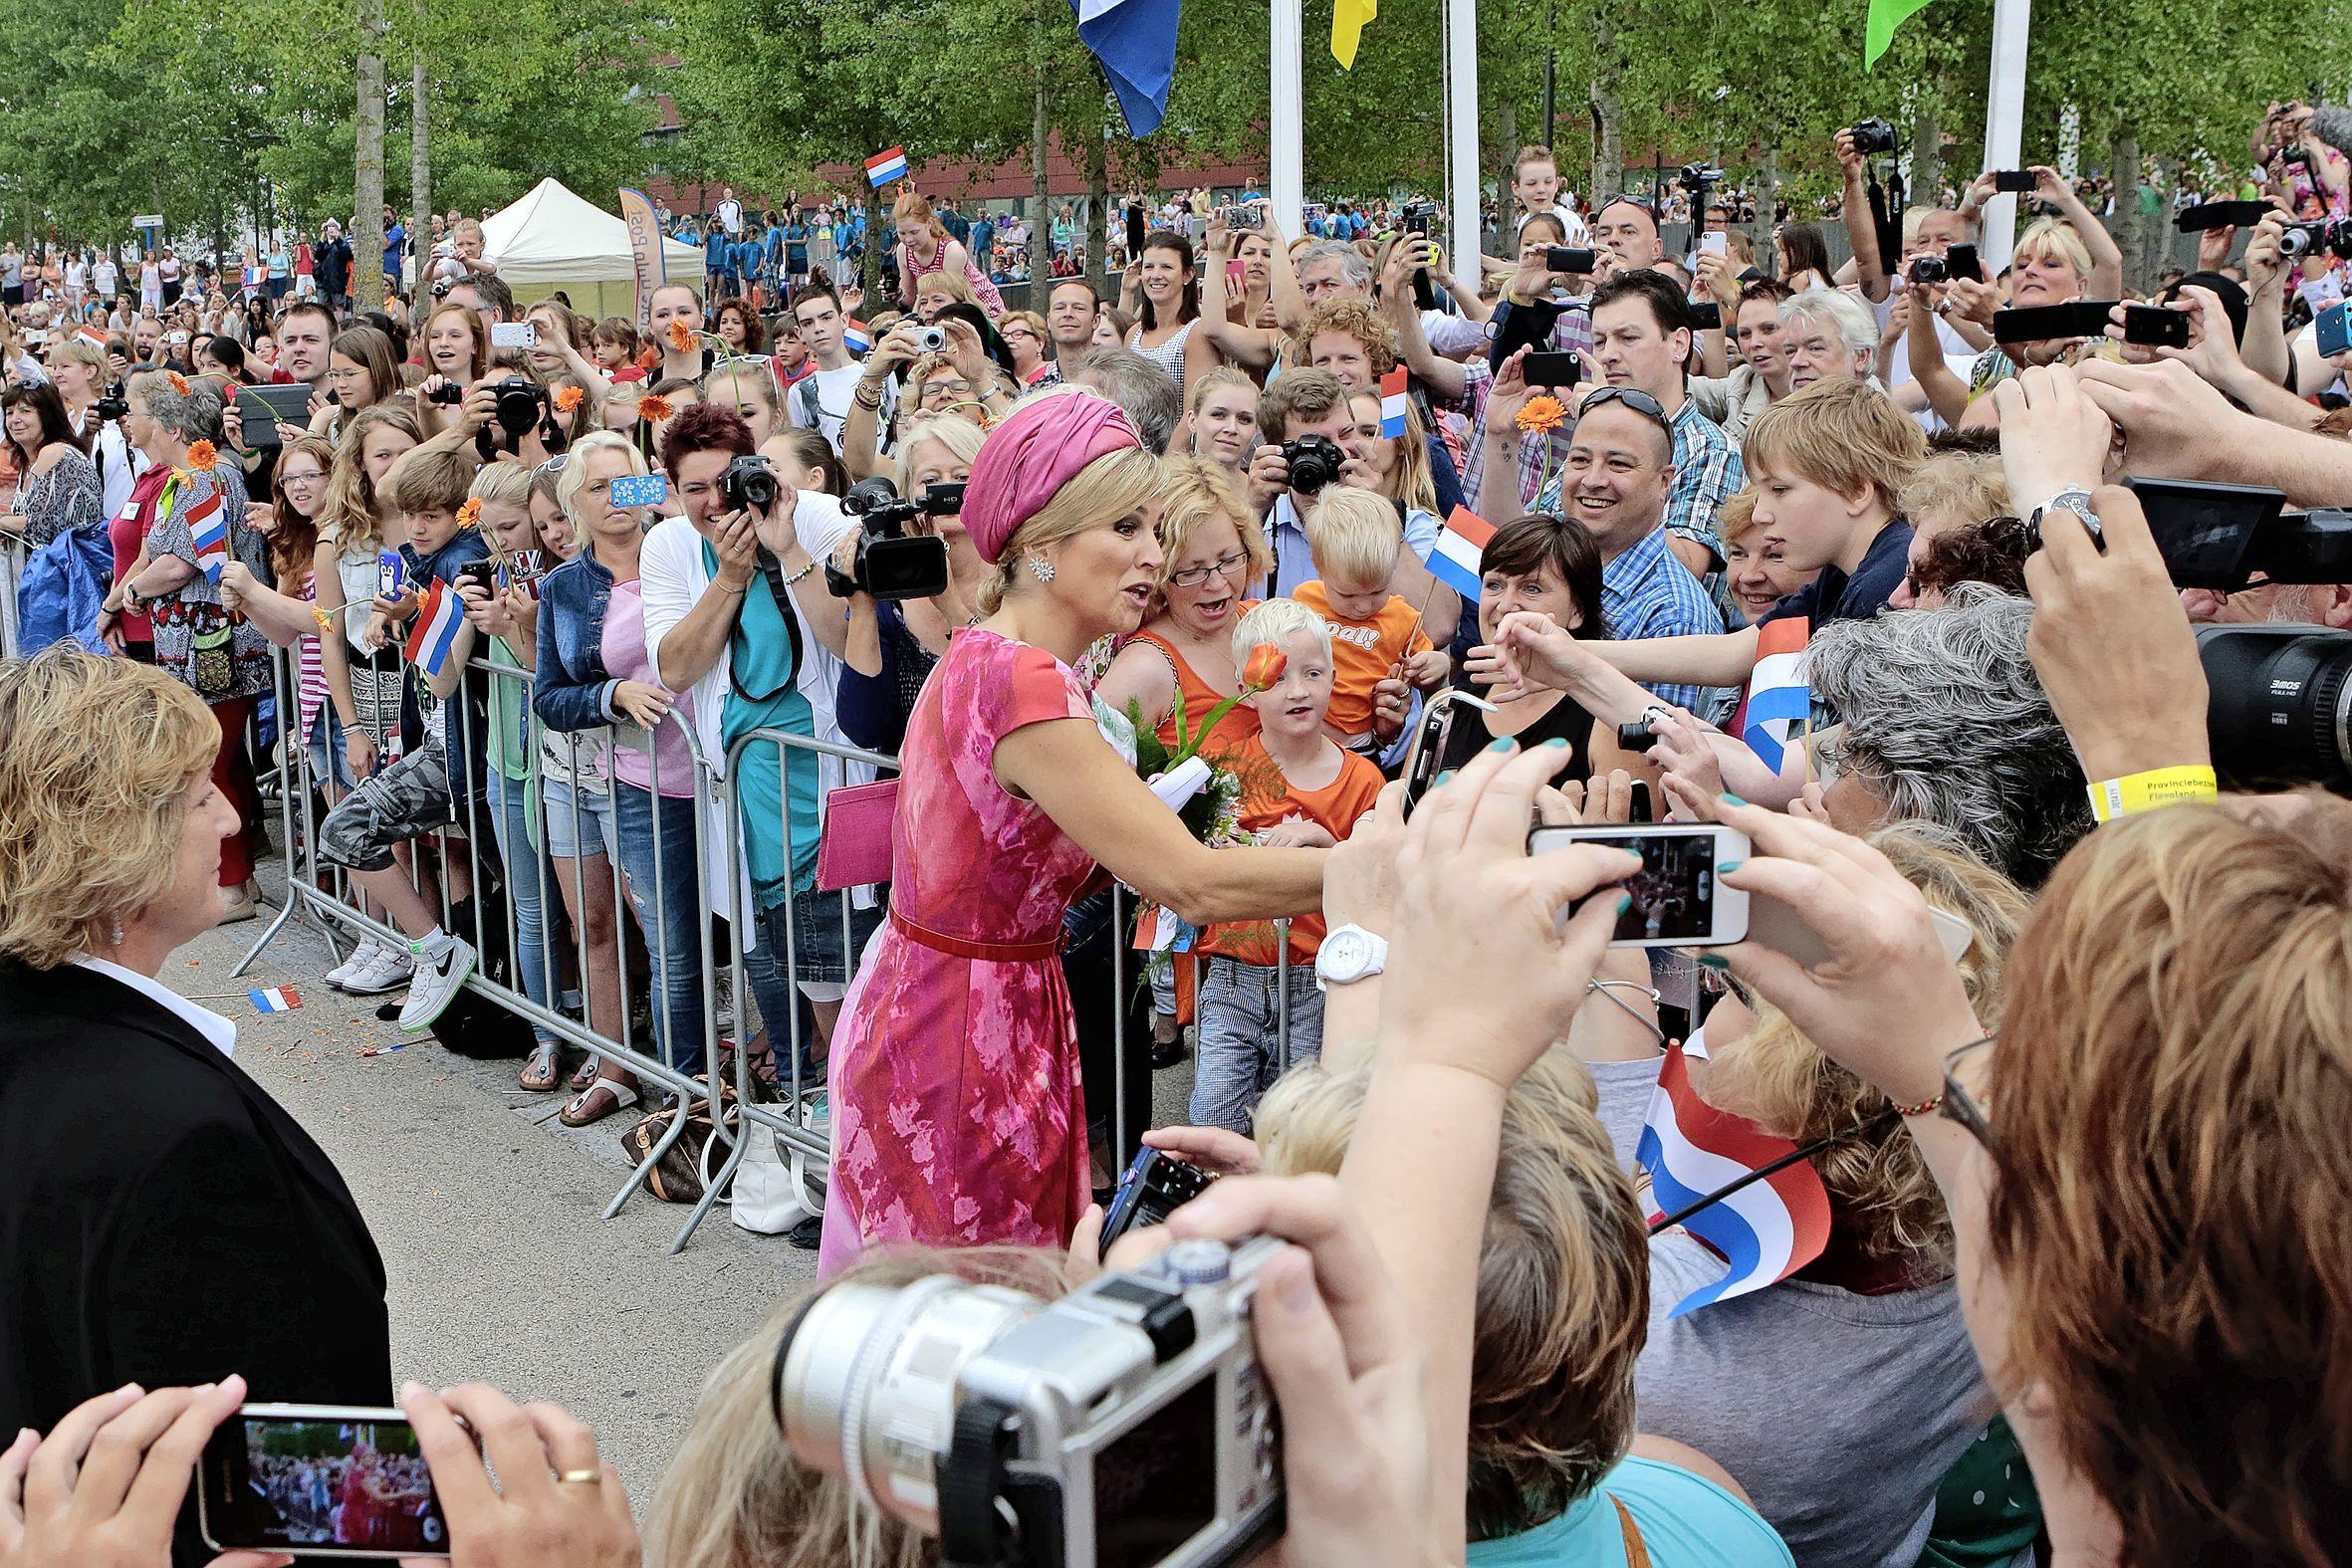 Koningin Máxima brengt bezoek aan Smit & Zoon in Weesp; bedrijf bestaat 200 jaar